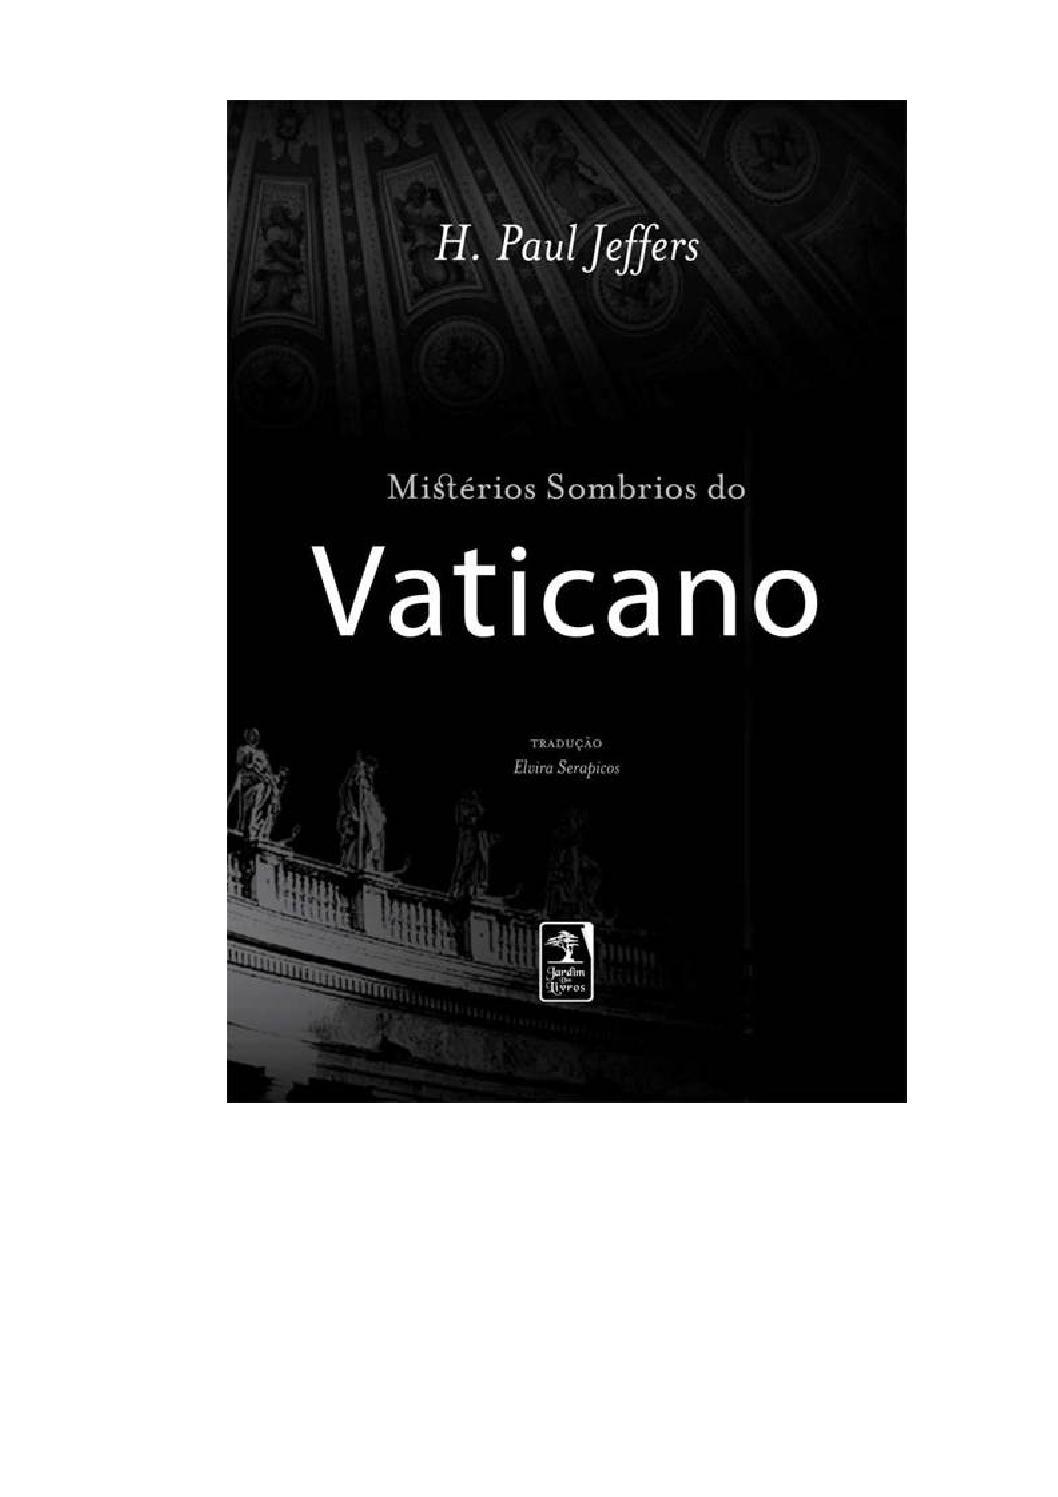 Mistérios sombrios do vaticano – h paul jeffers by ebooksreformados.com -  issuu 2c5cc8684742e